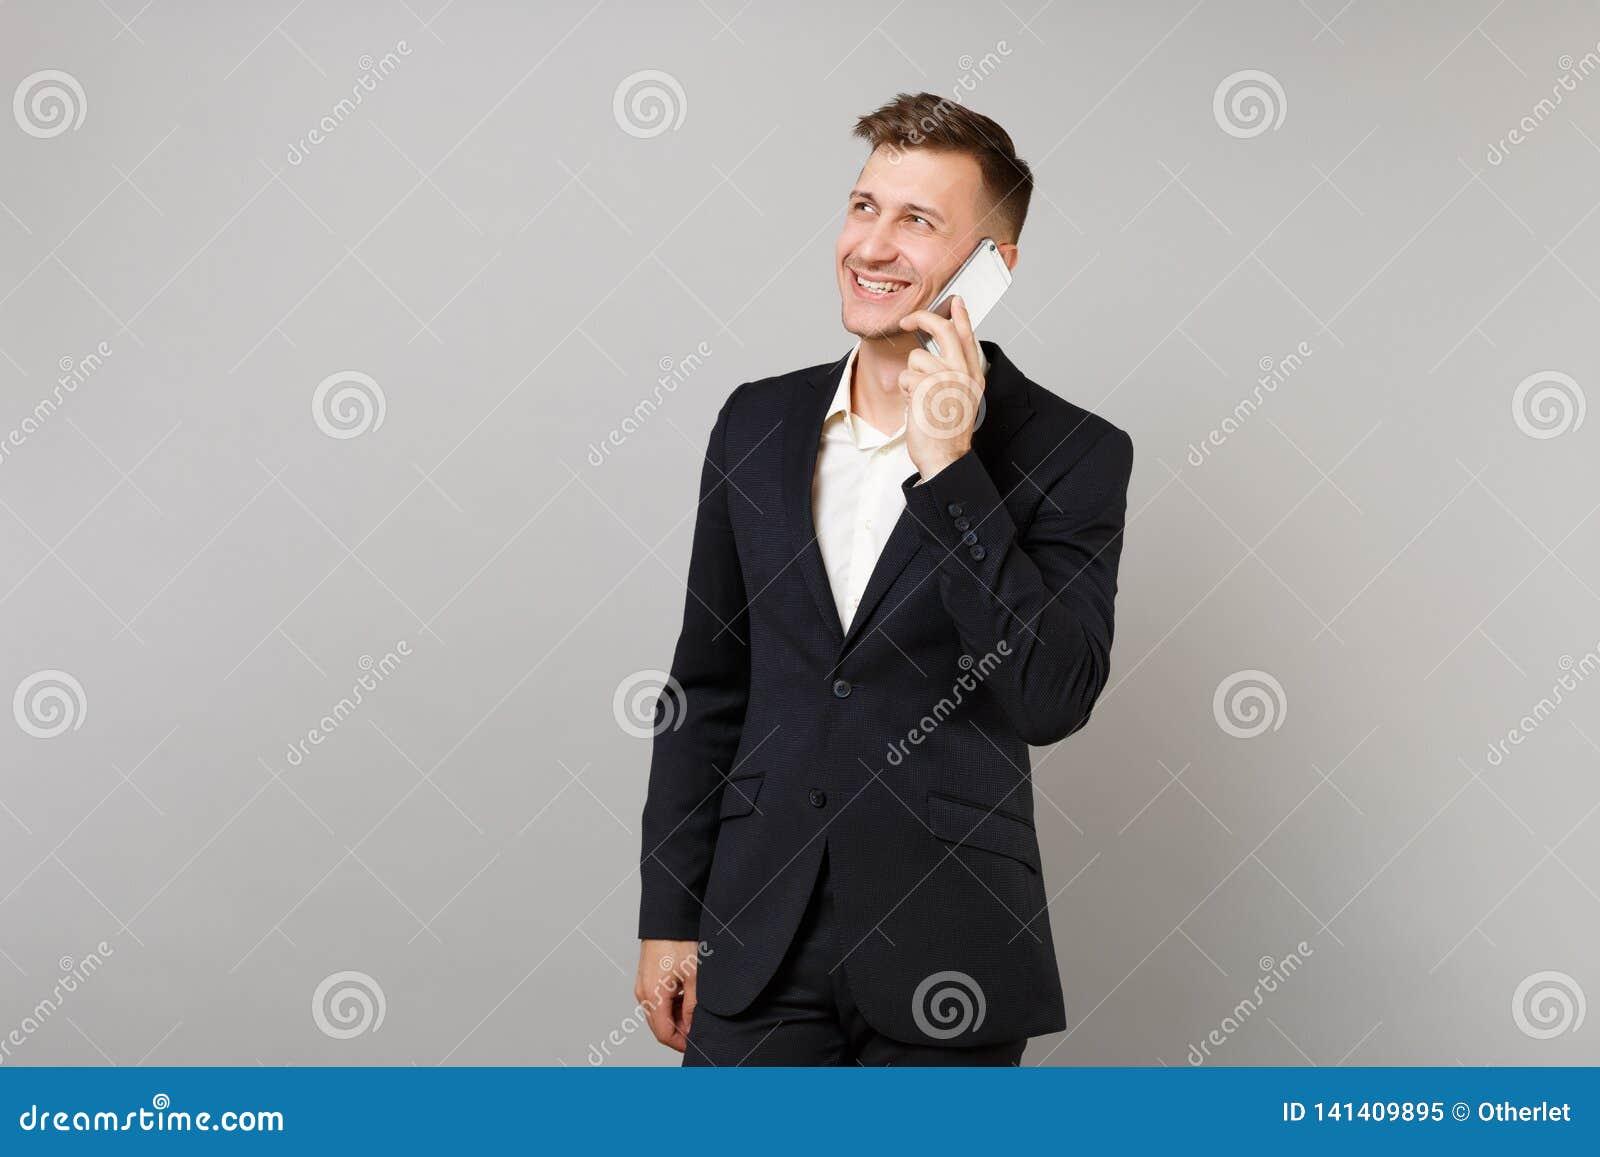 Uomo sorridente di affari in vestito classico che guarda da parte conversazione sul telefono cellulare che conduce conversazione